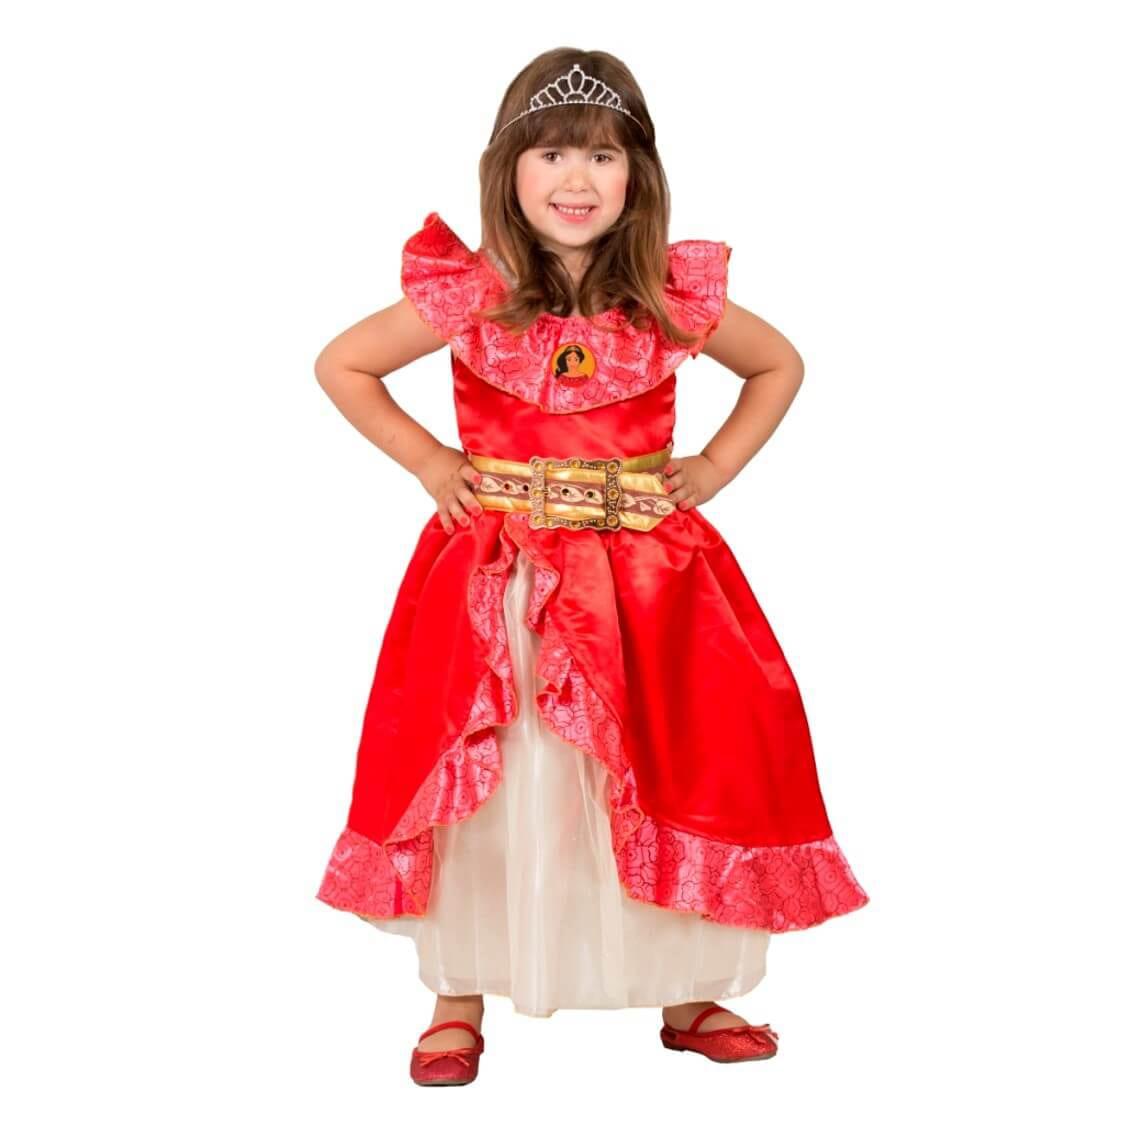 תחפושת הנסיכה הלנה מאוולור לילדות – פורים שושי זוהר